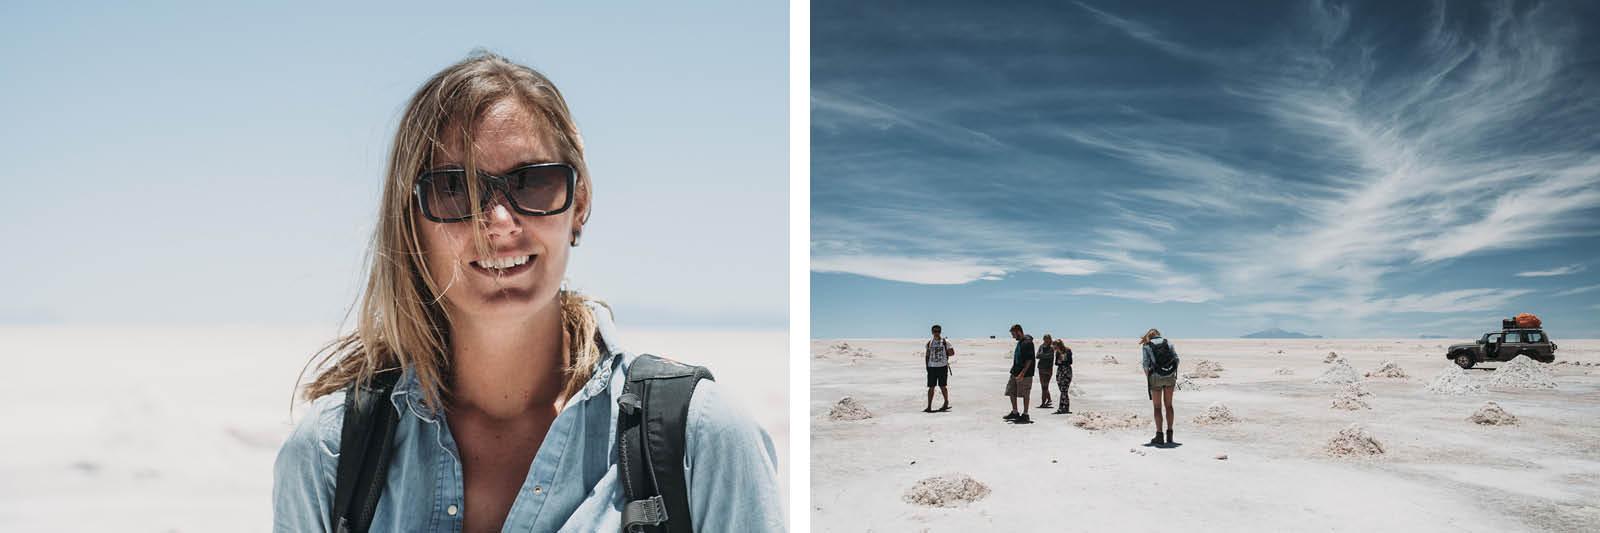 Evabloem-Salar-de-Uyuni_Bolivia-0028-2.jpg